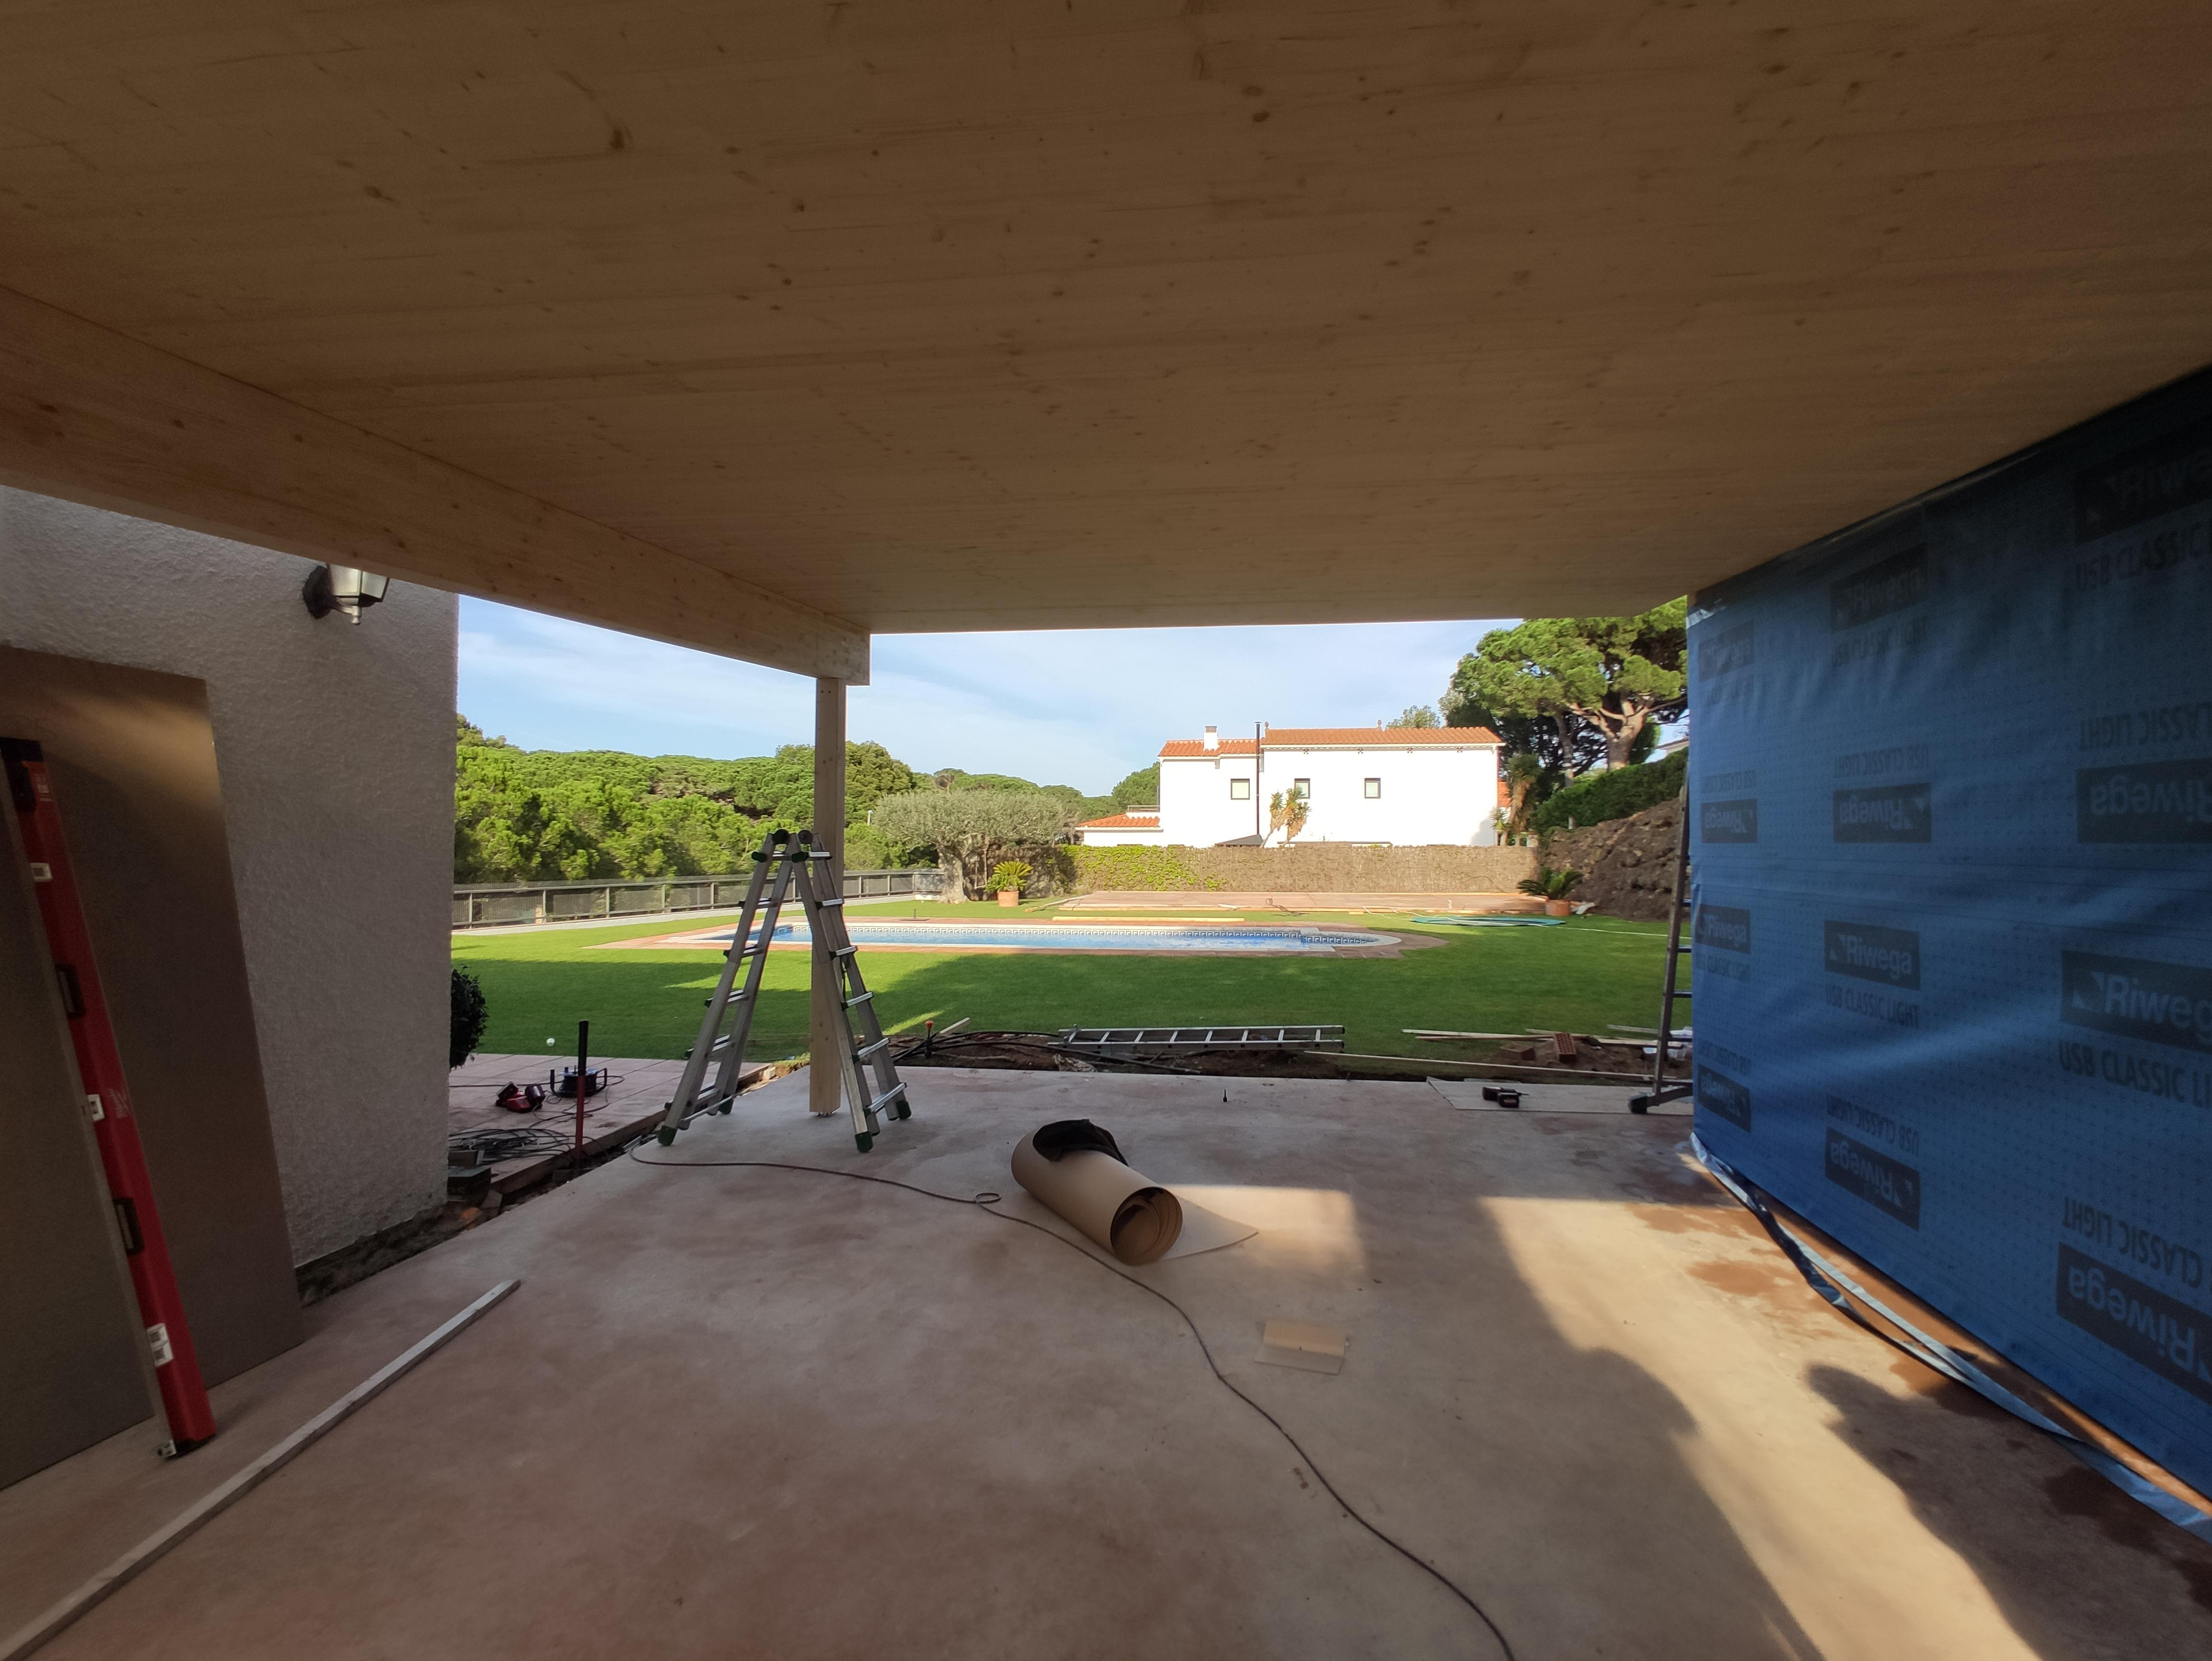 Ampliació d'una casa amb panells Genial Panel / Ampliación de una casa con paneles Genial Panel